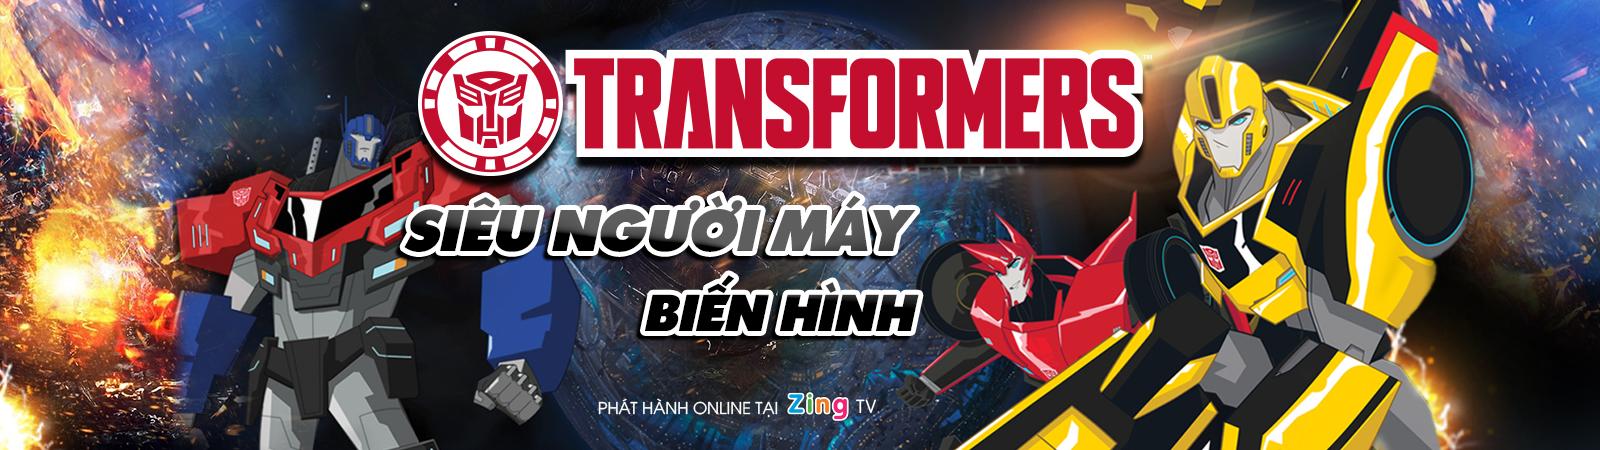 Transformers - Siêu Người Máy Biến Hình Phần 2